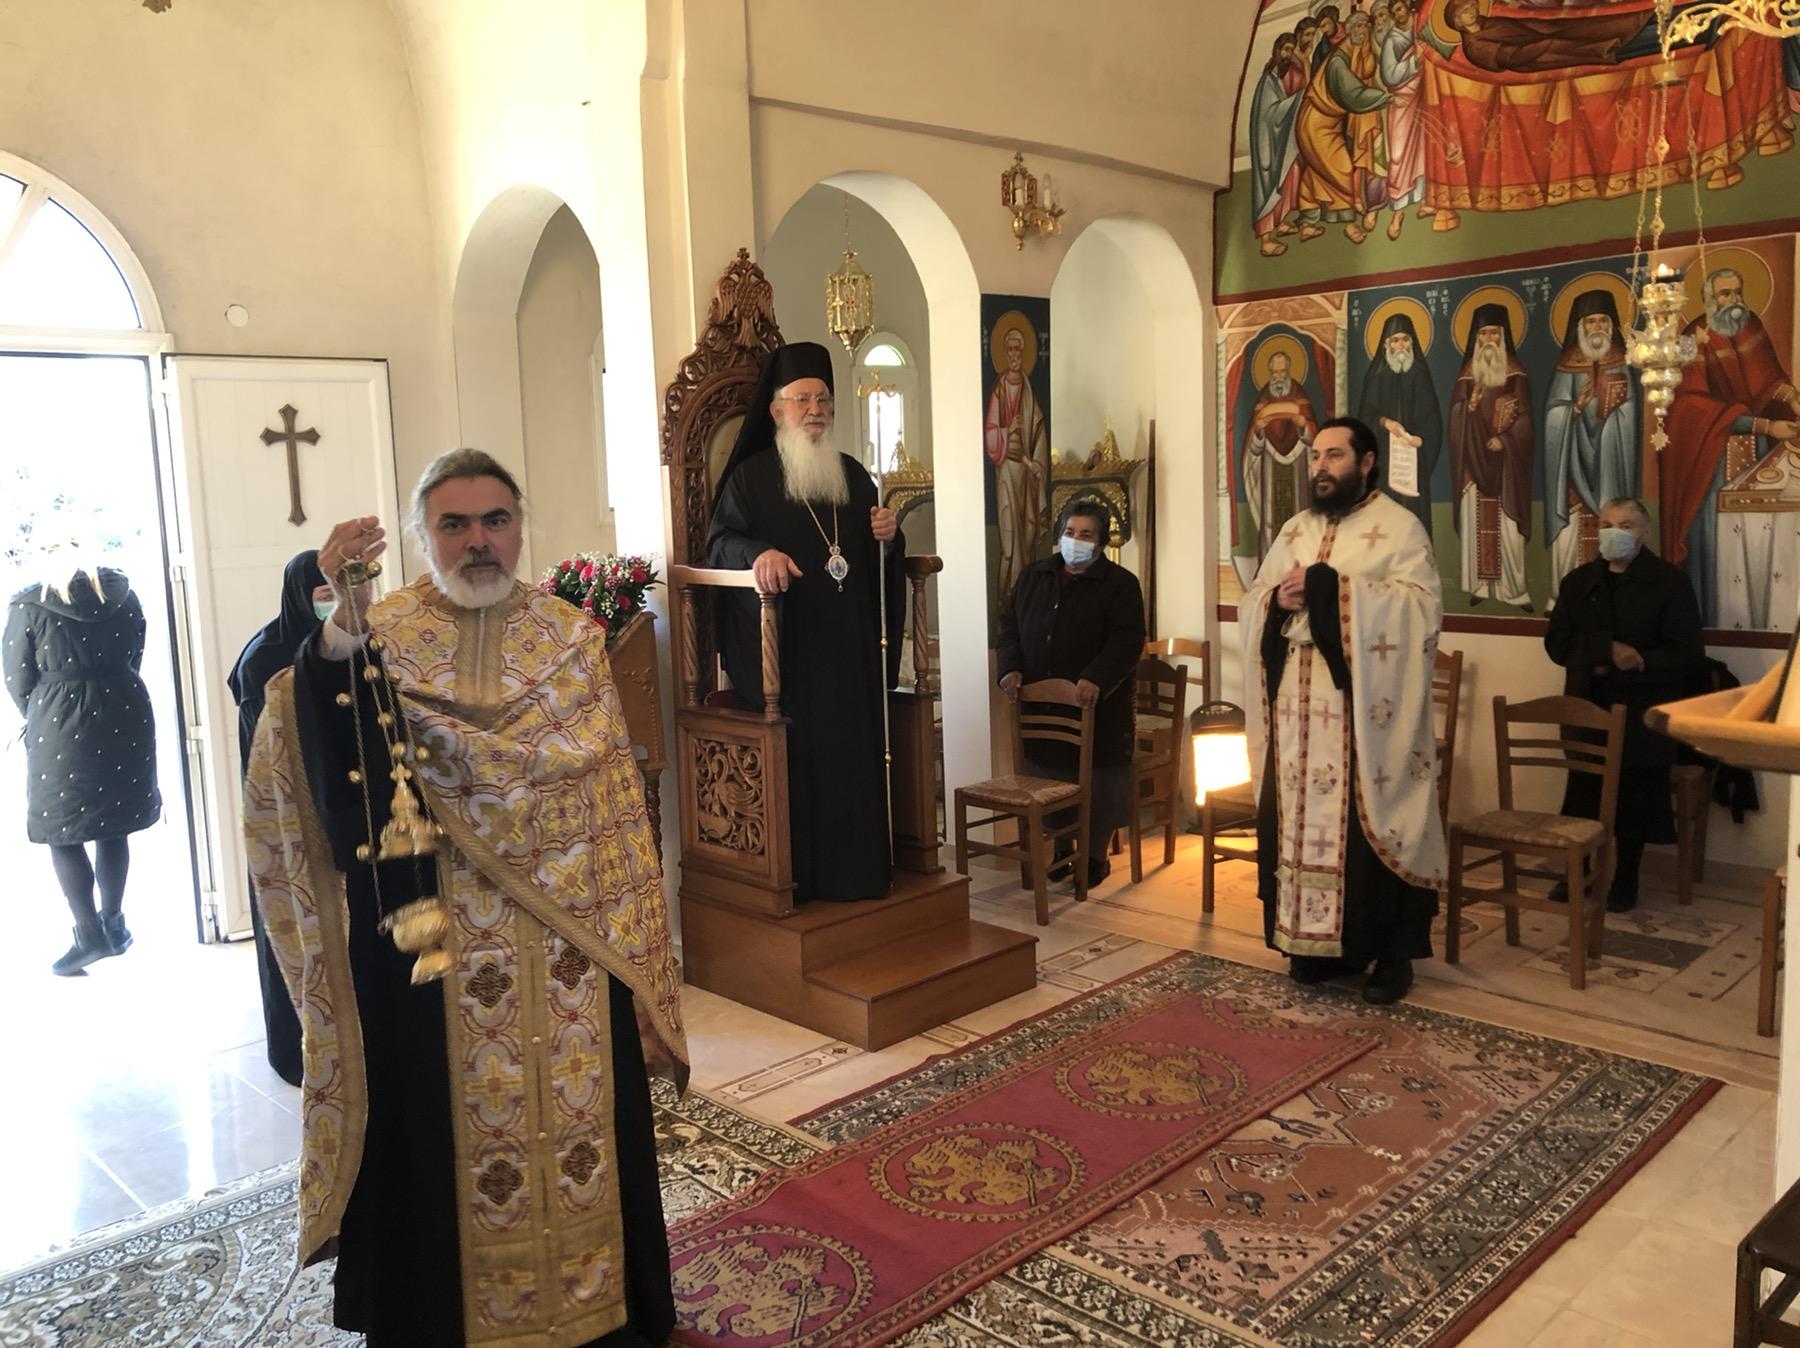 Εσπερινός στο Ησυχαστήριο Αγίου Νικολάου του Πλανά -Τρισάγιο για τον Μητροπολίτη Κιλκισίου κυρό Εμμανουήλ